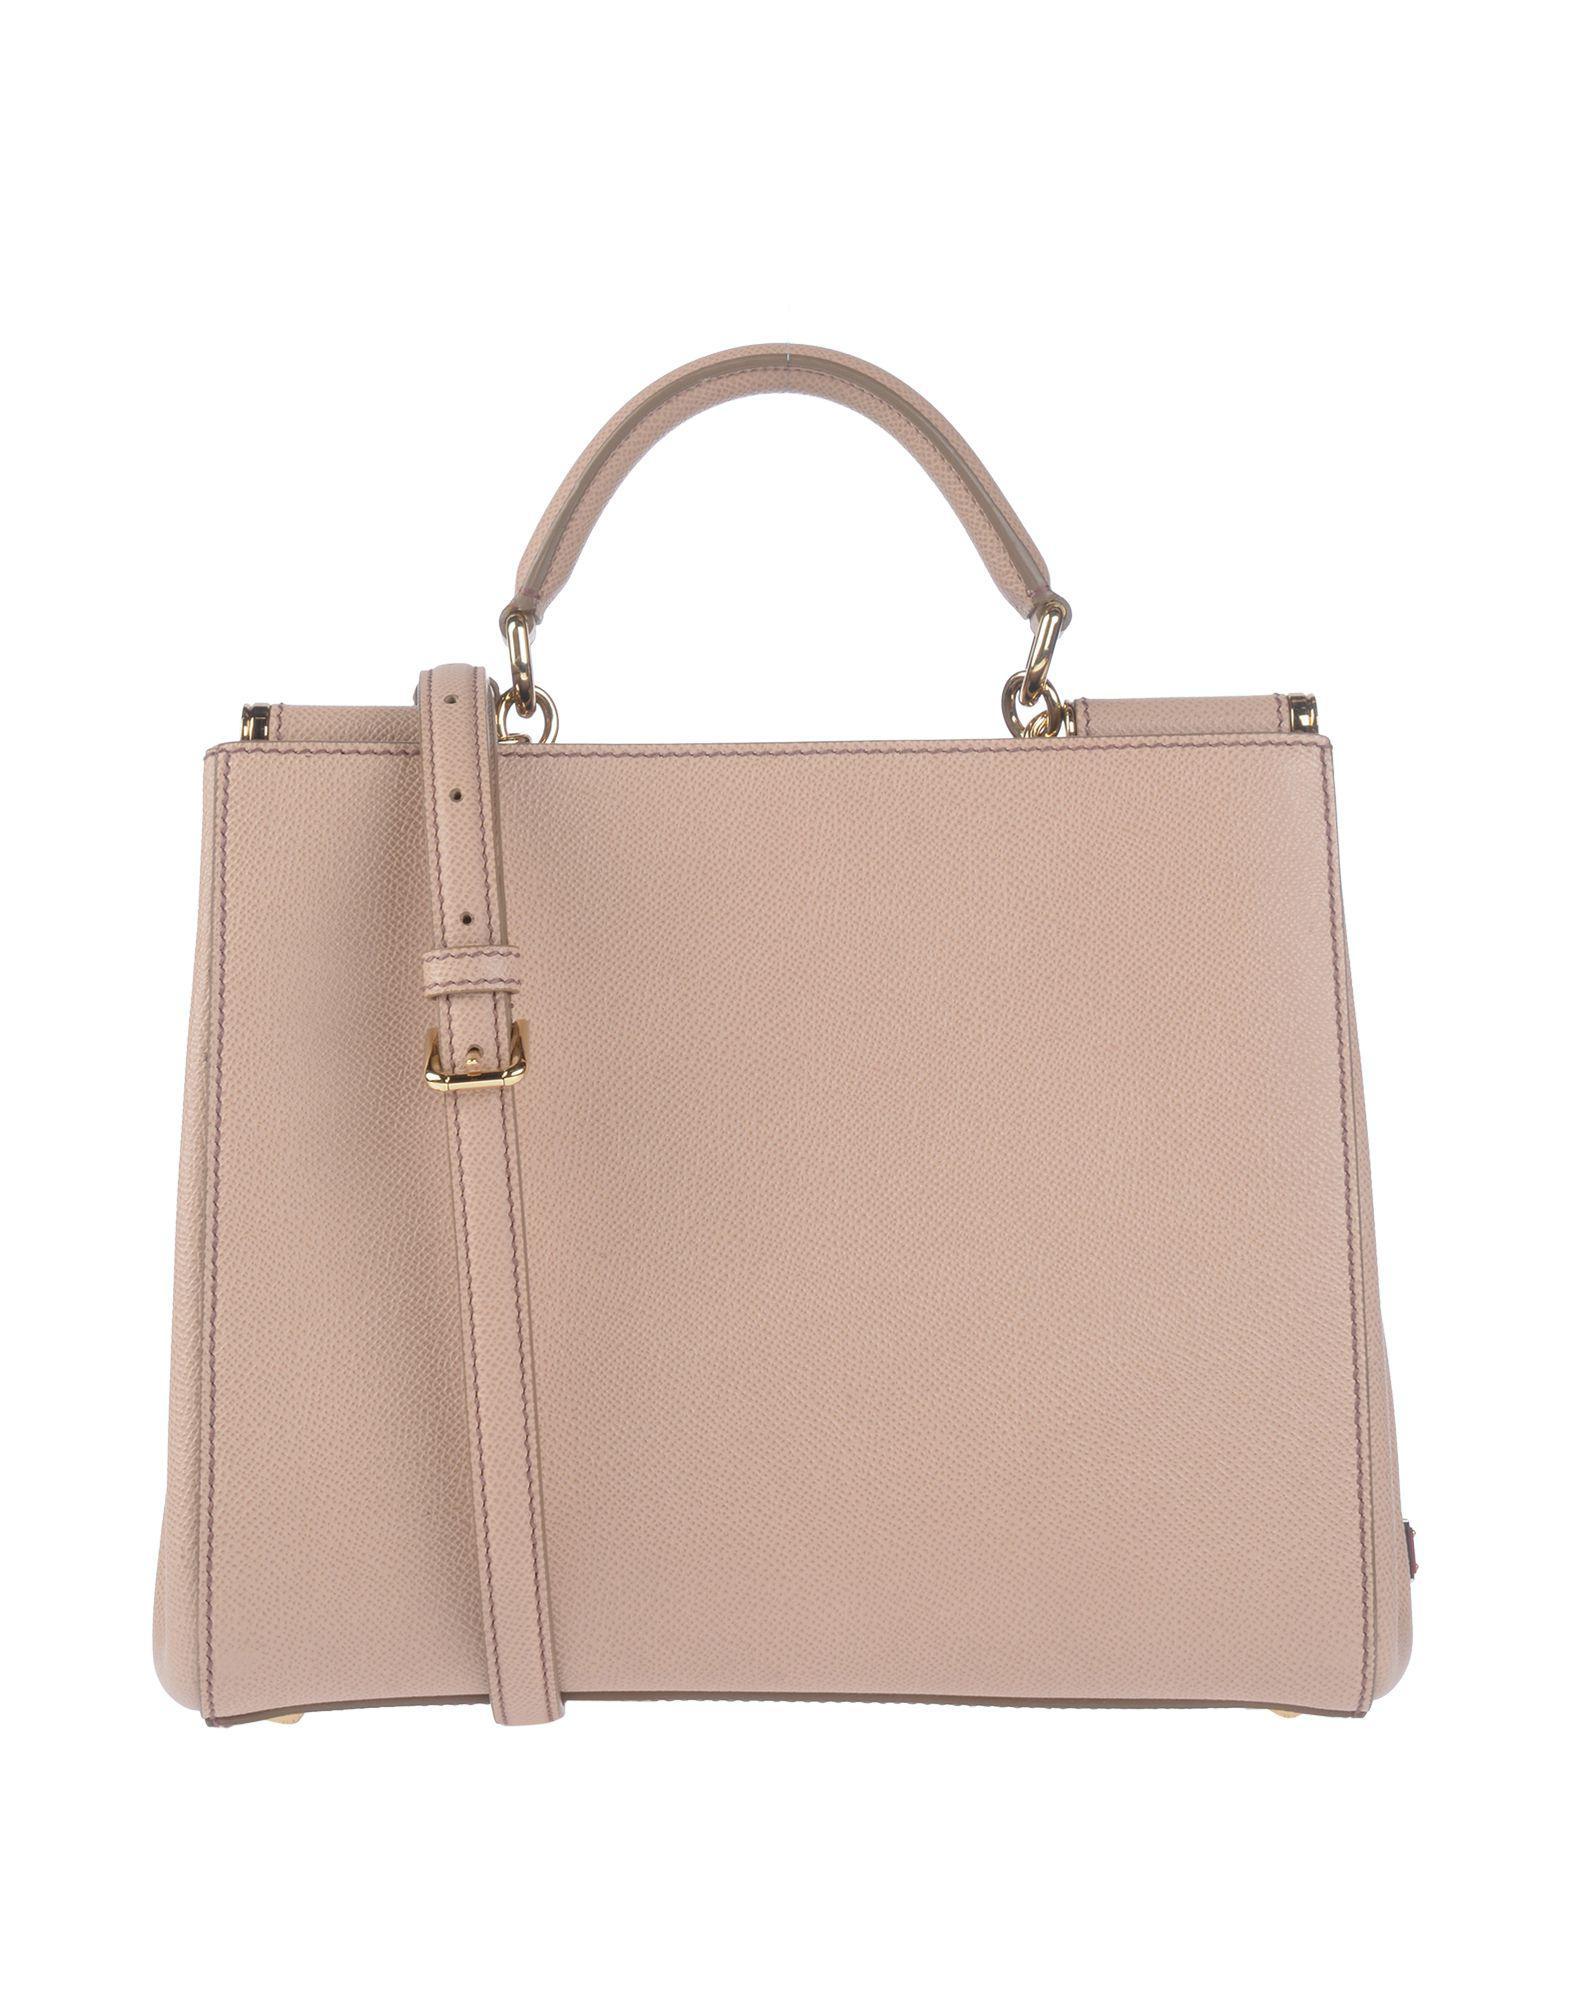 Lyst - Dolce   Gabbana Handbag in Pink f53ff6ab6ba77